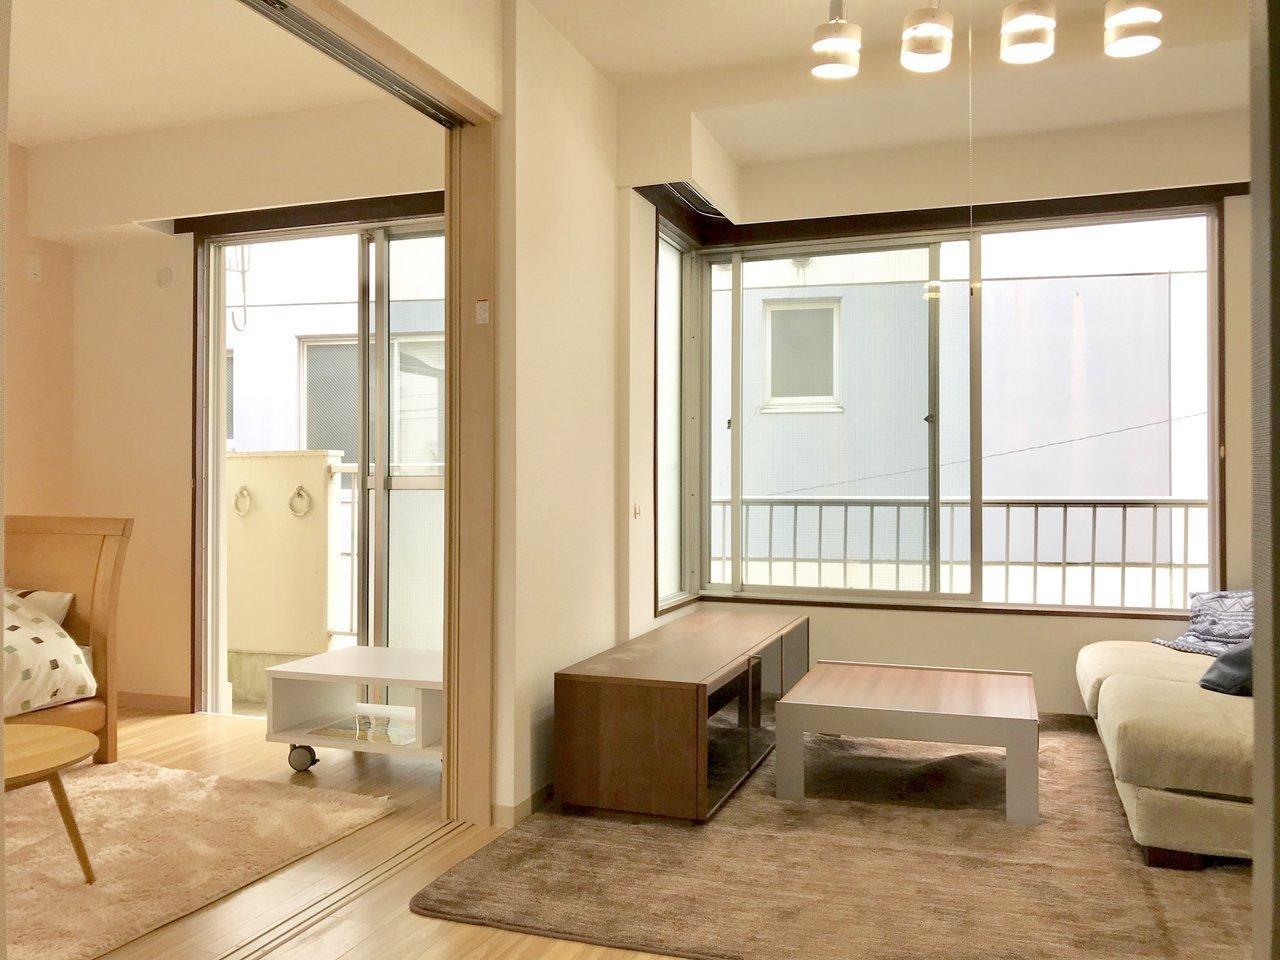 LDKと洋室が引き戸で繋がったタイプの1LDK。普段は開け放して使うと、開放感があって良さそうですね。※家具はサンプルです